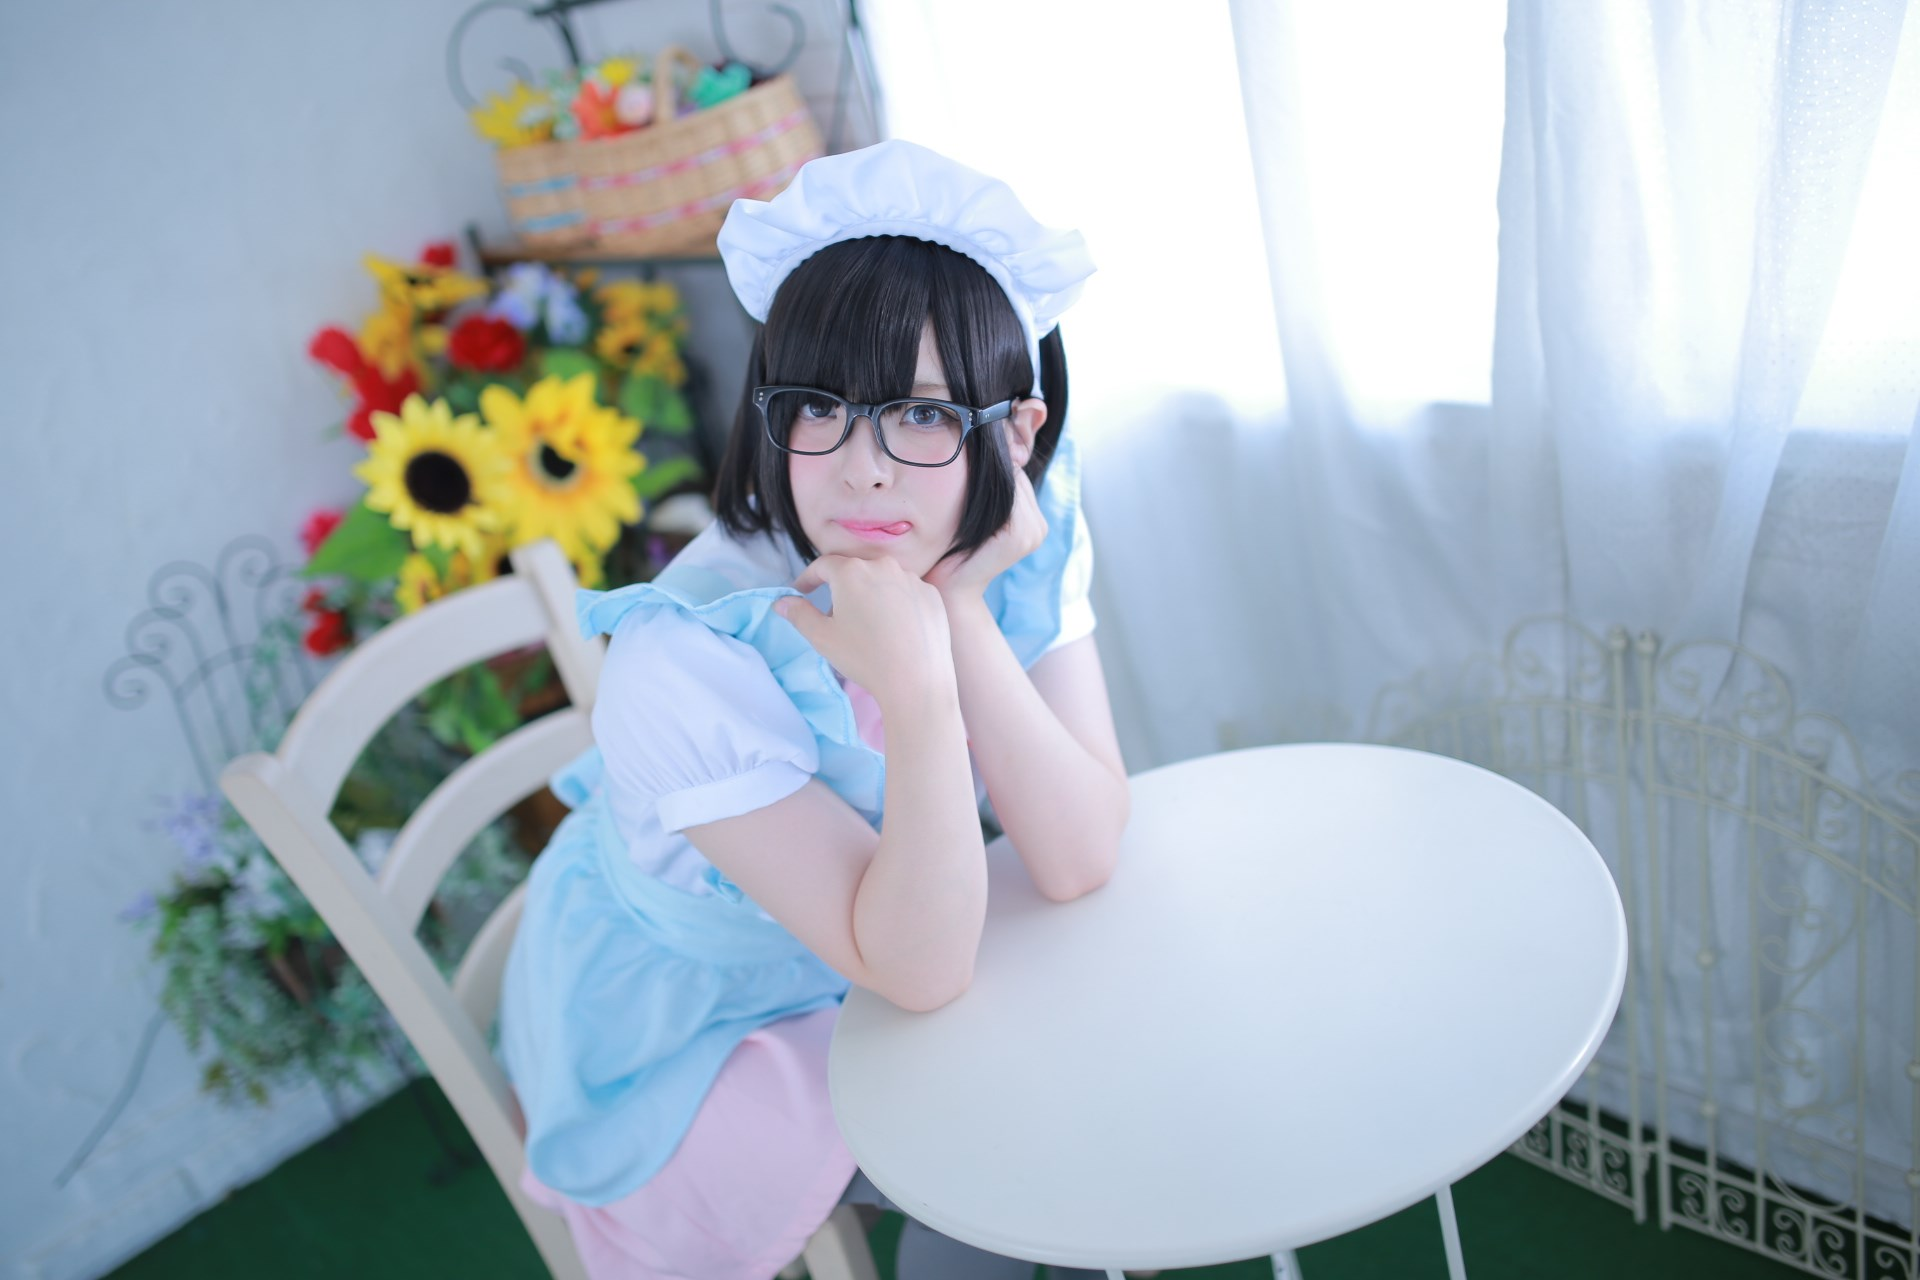 【兔玩映画】眼镜女仆 兔玩映画 第33张